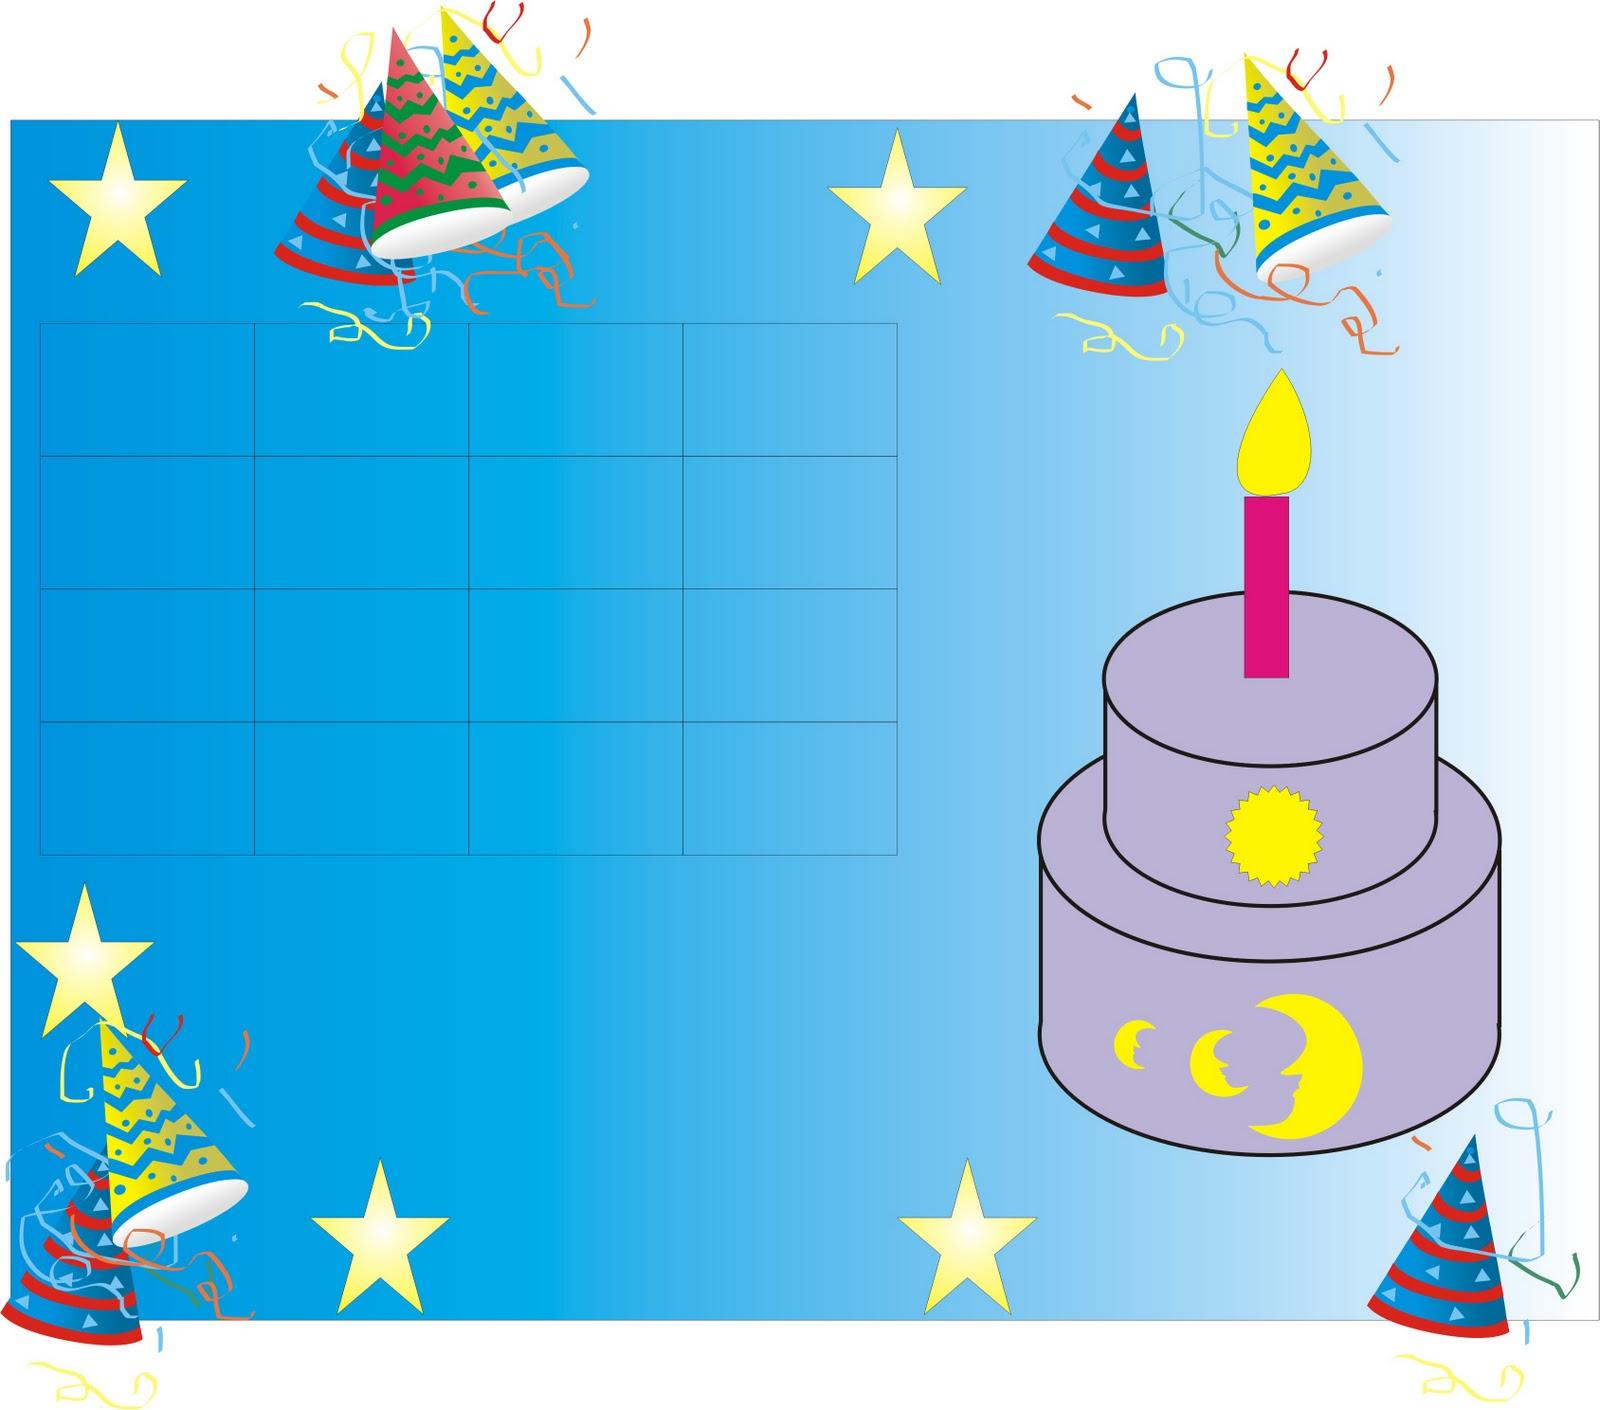 Mistareasaplicaciones Tarjeta Invitacion Cumpleaños Corel Draw